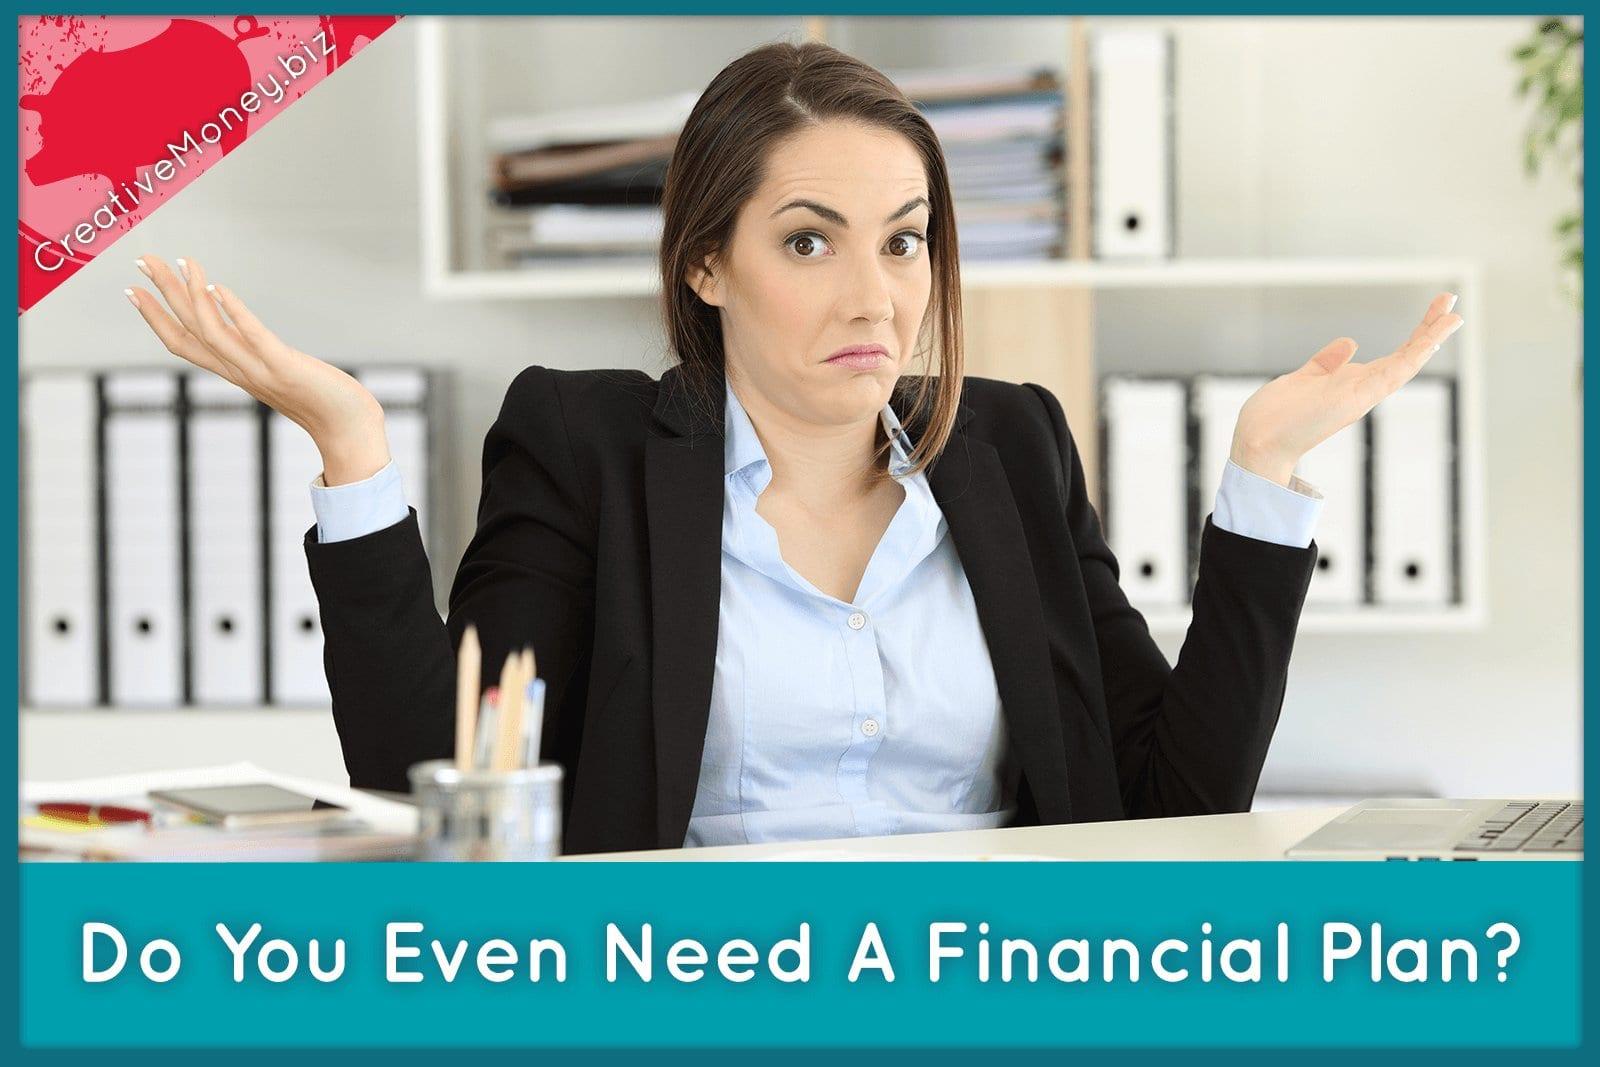 Do you even need a financial plan?